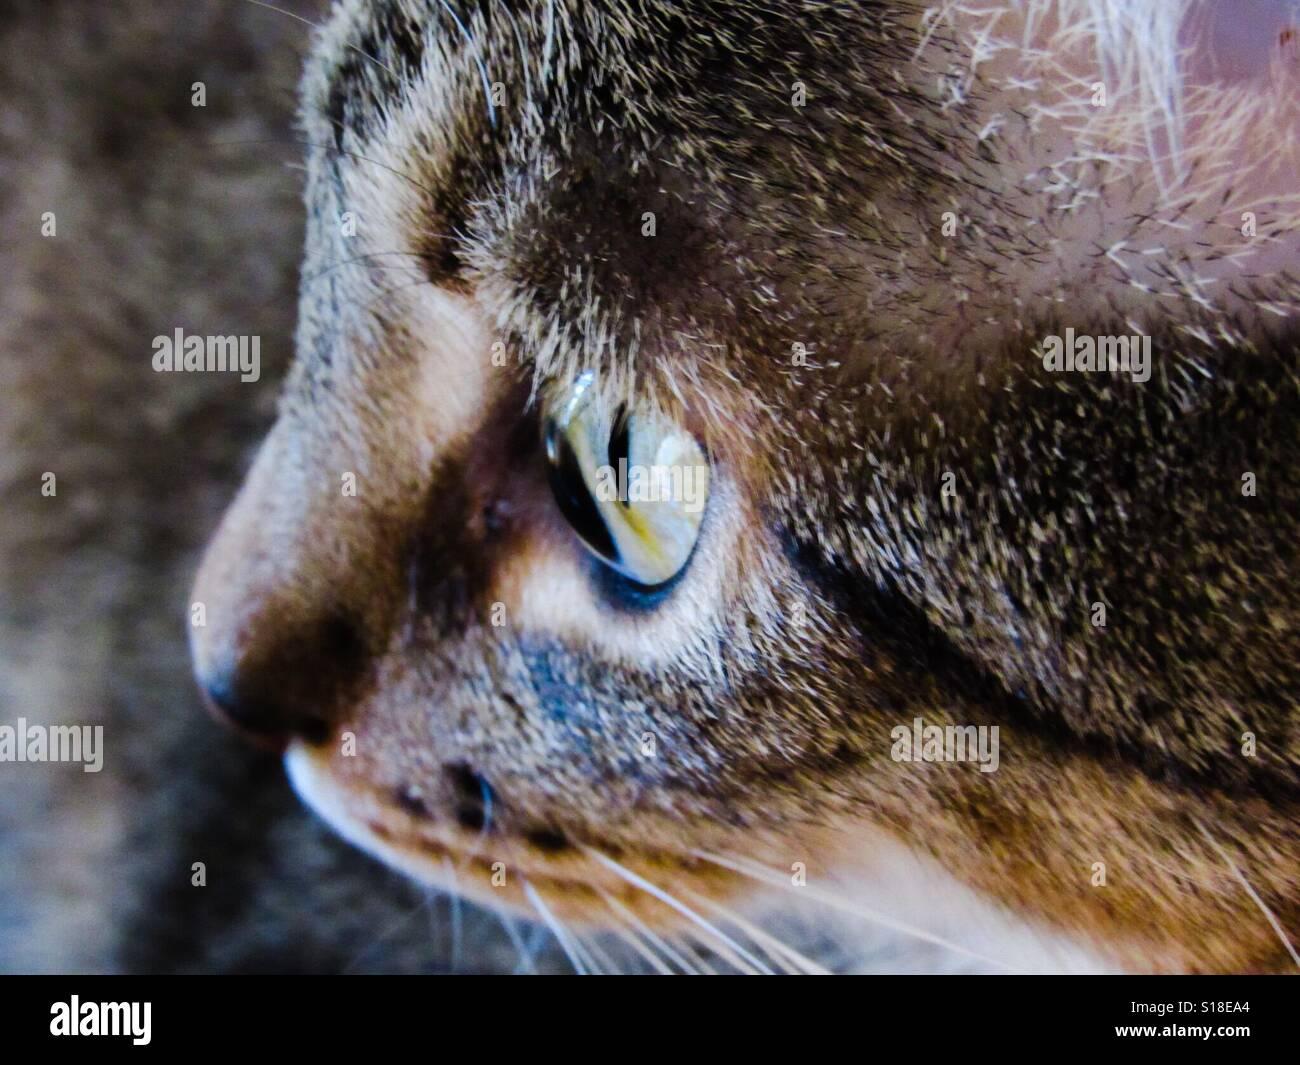 Tabby Fur Close Up Stock Photos Amp Tabby Fur Close Up Stock